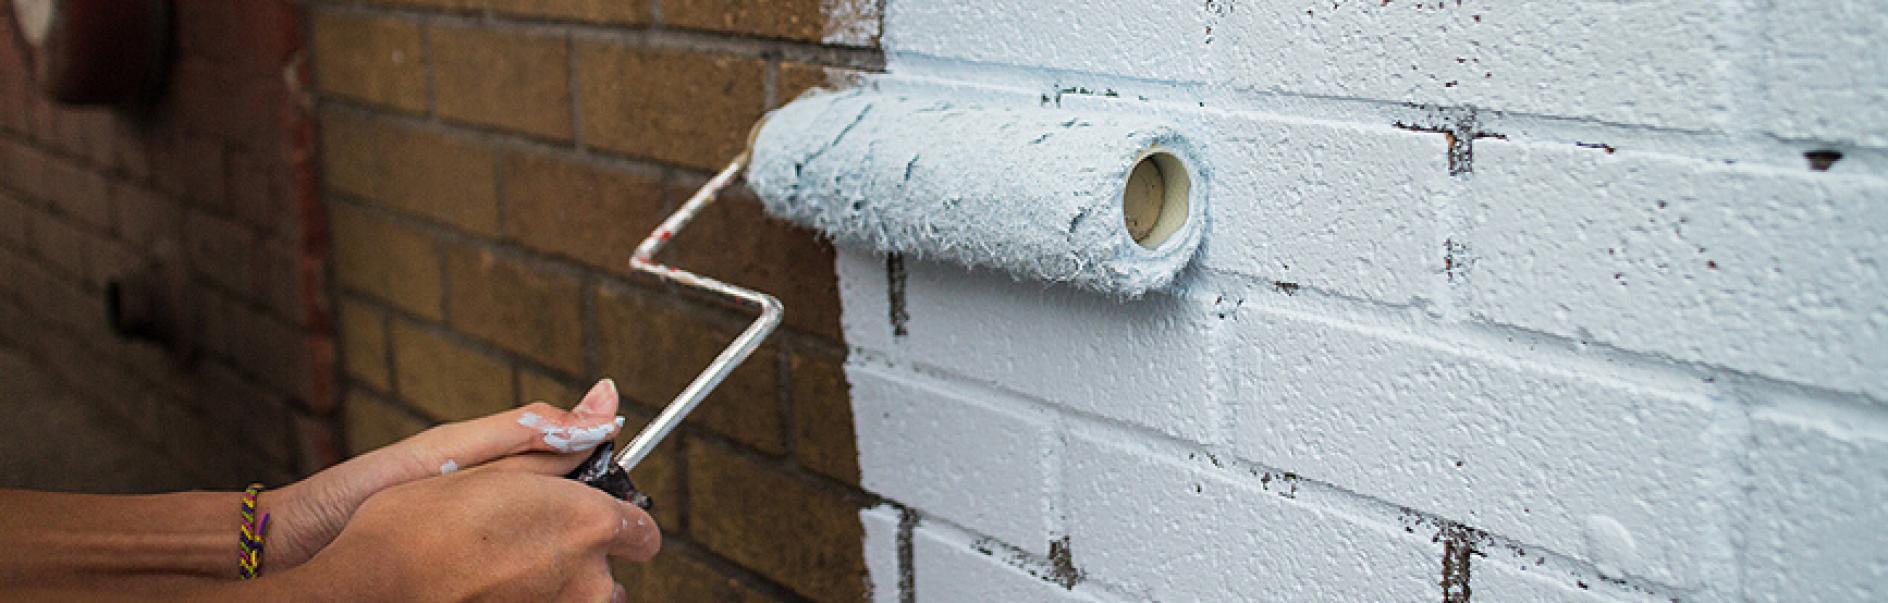 Streichen Sie Ihre Hausfassade Selbst